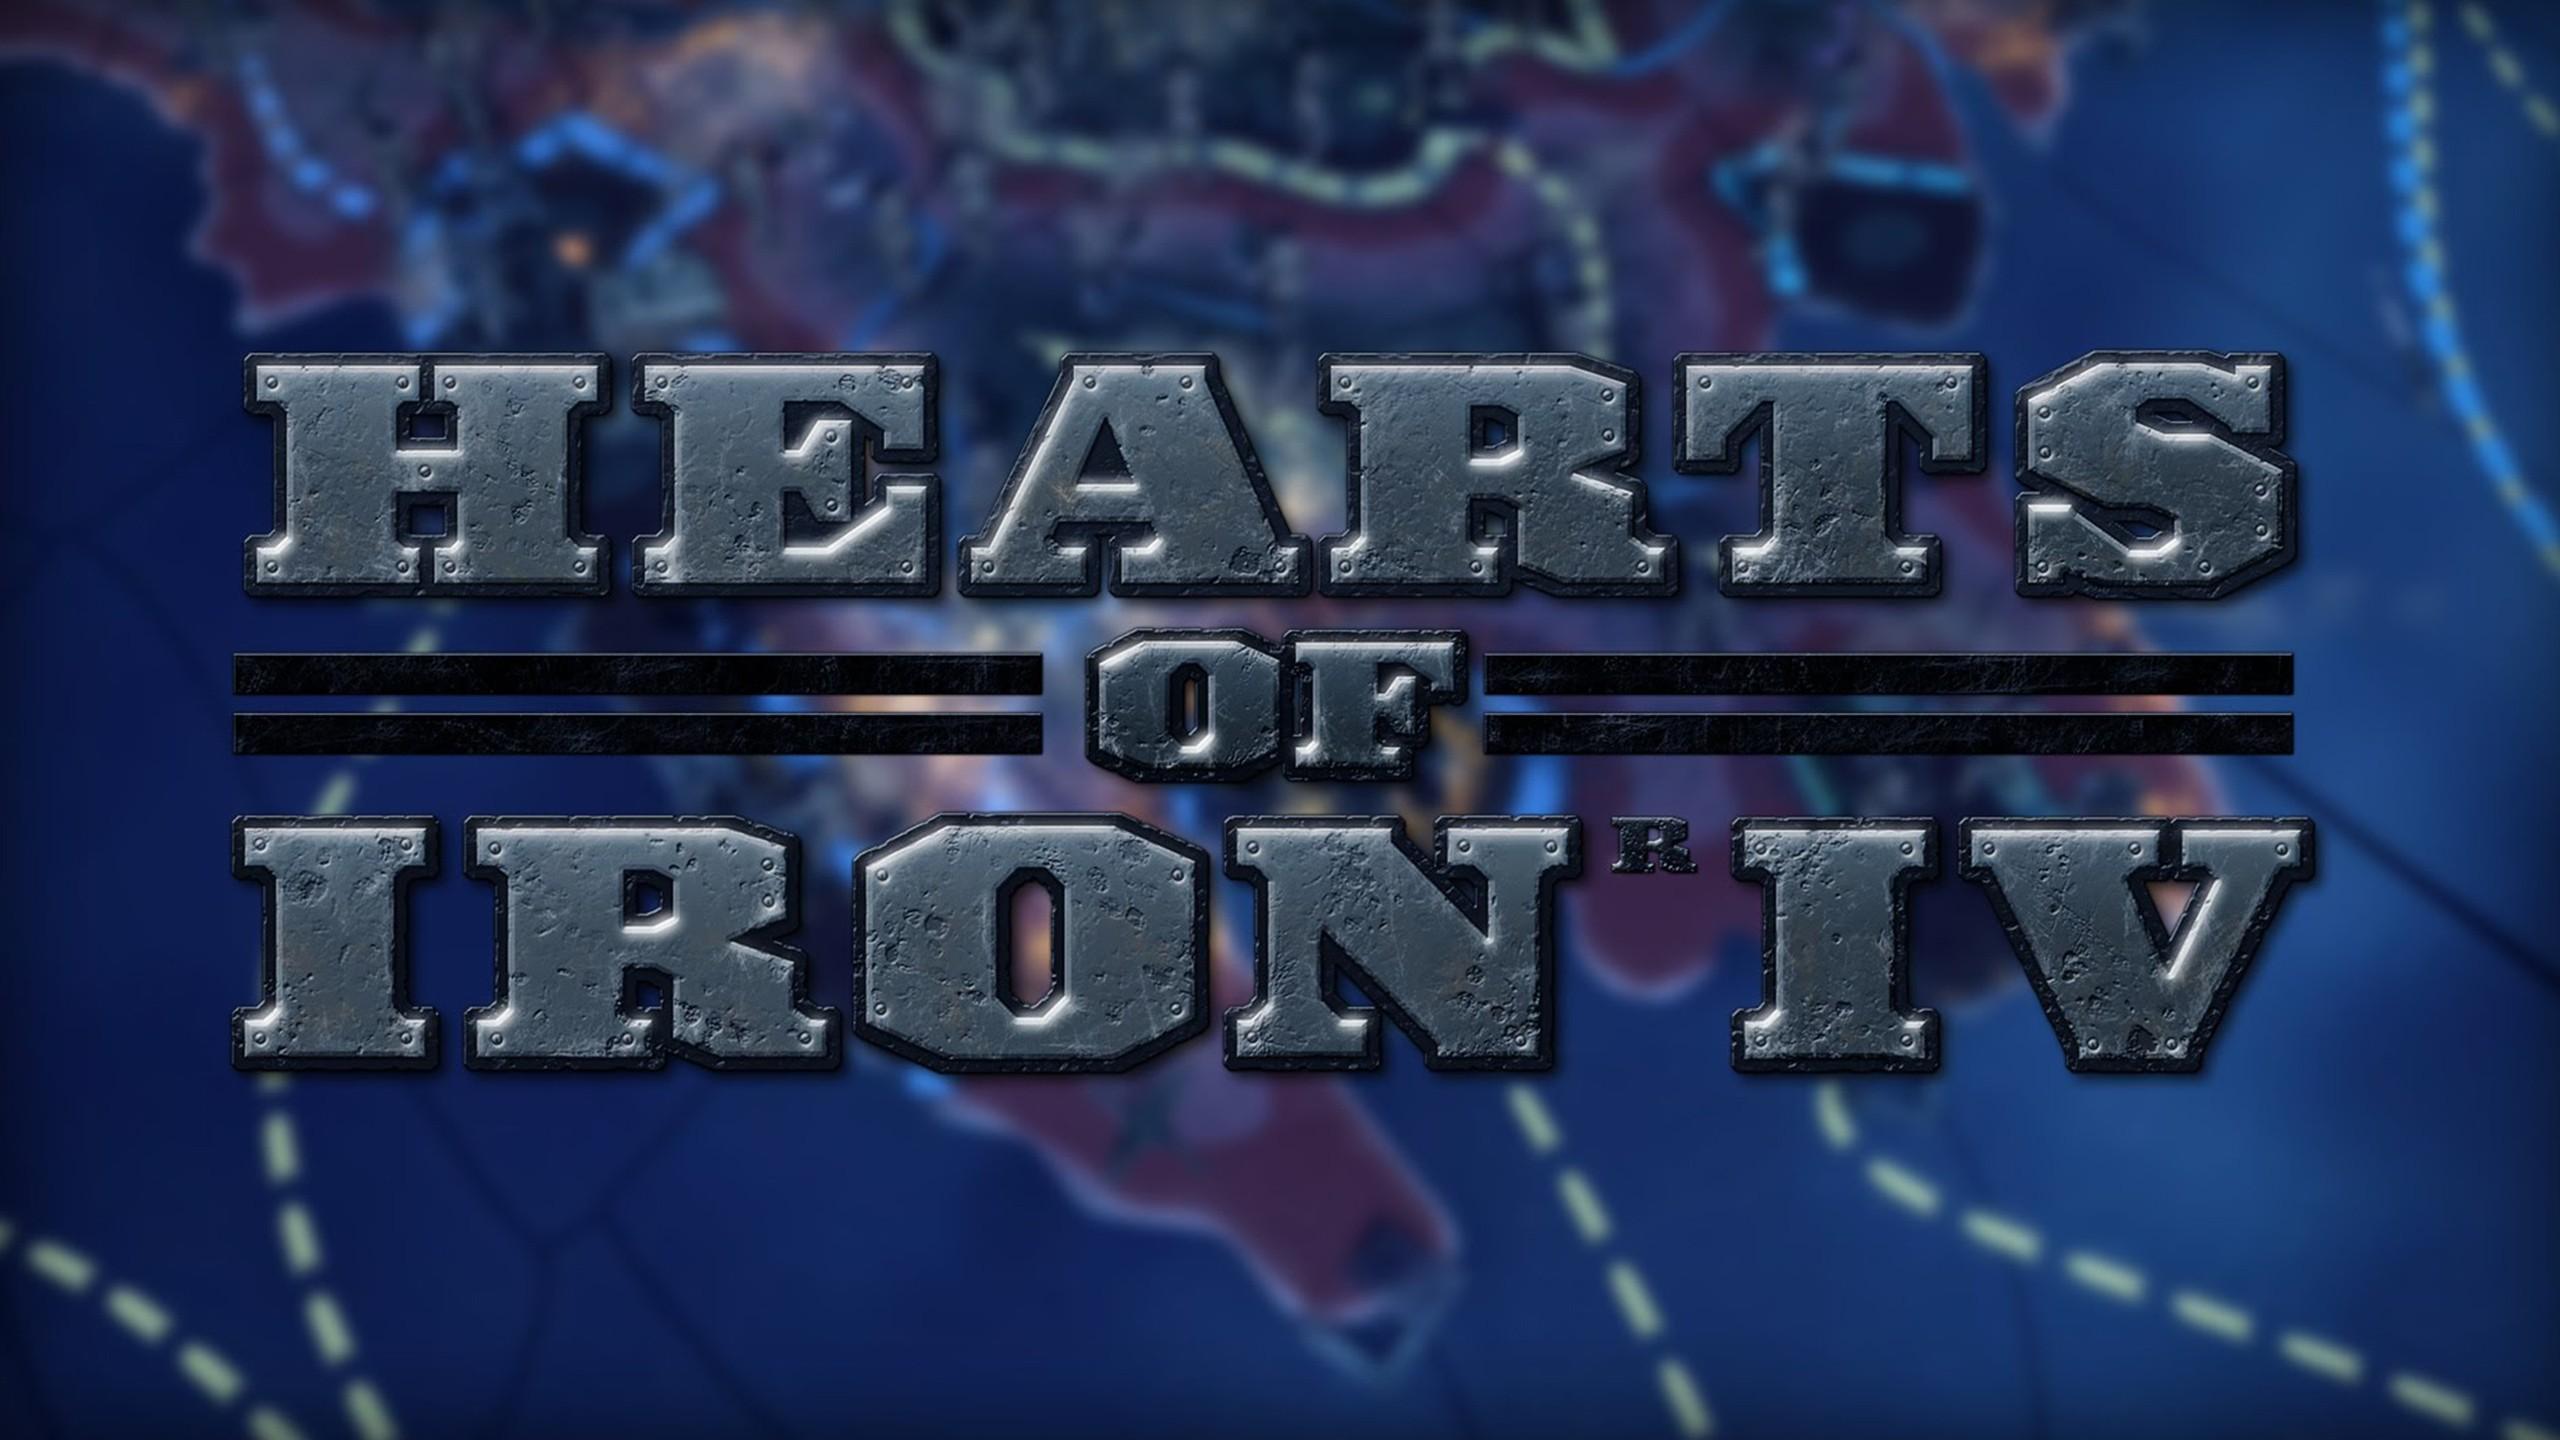 HeartsofIron